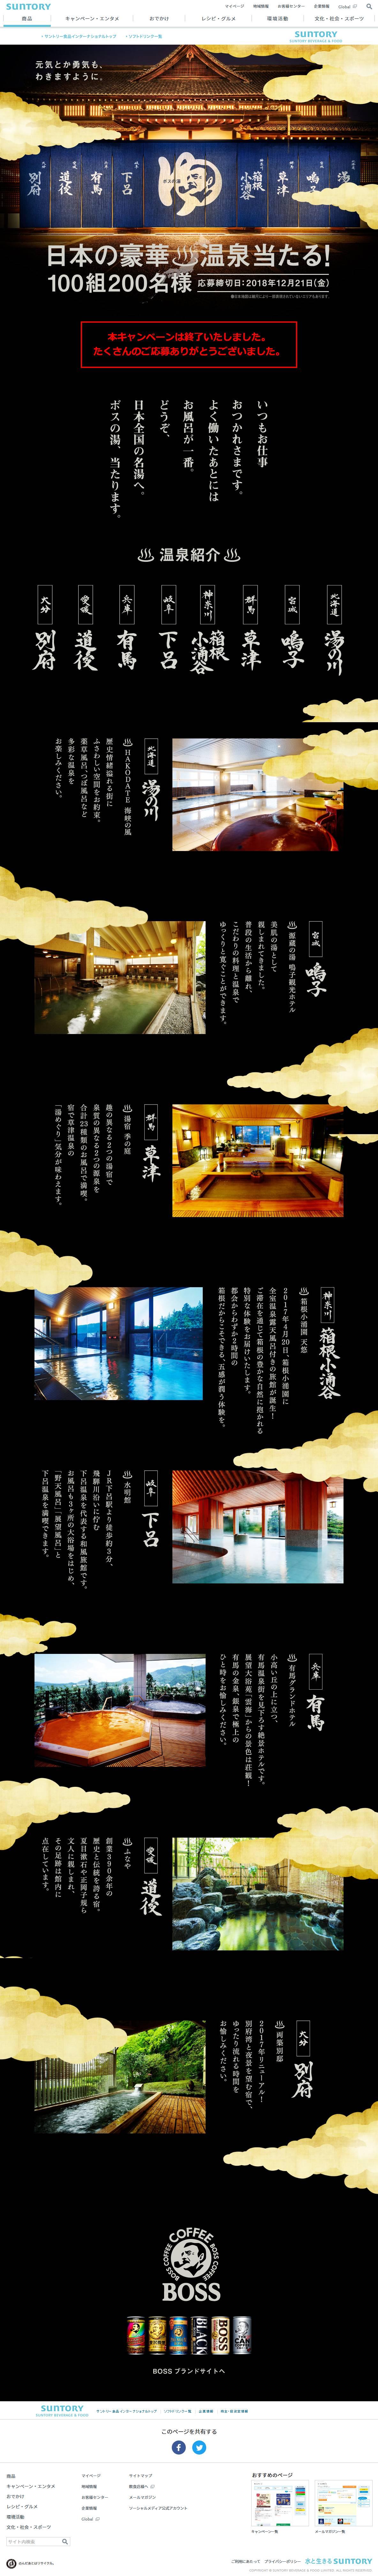 日本の豪華温泉当たる!